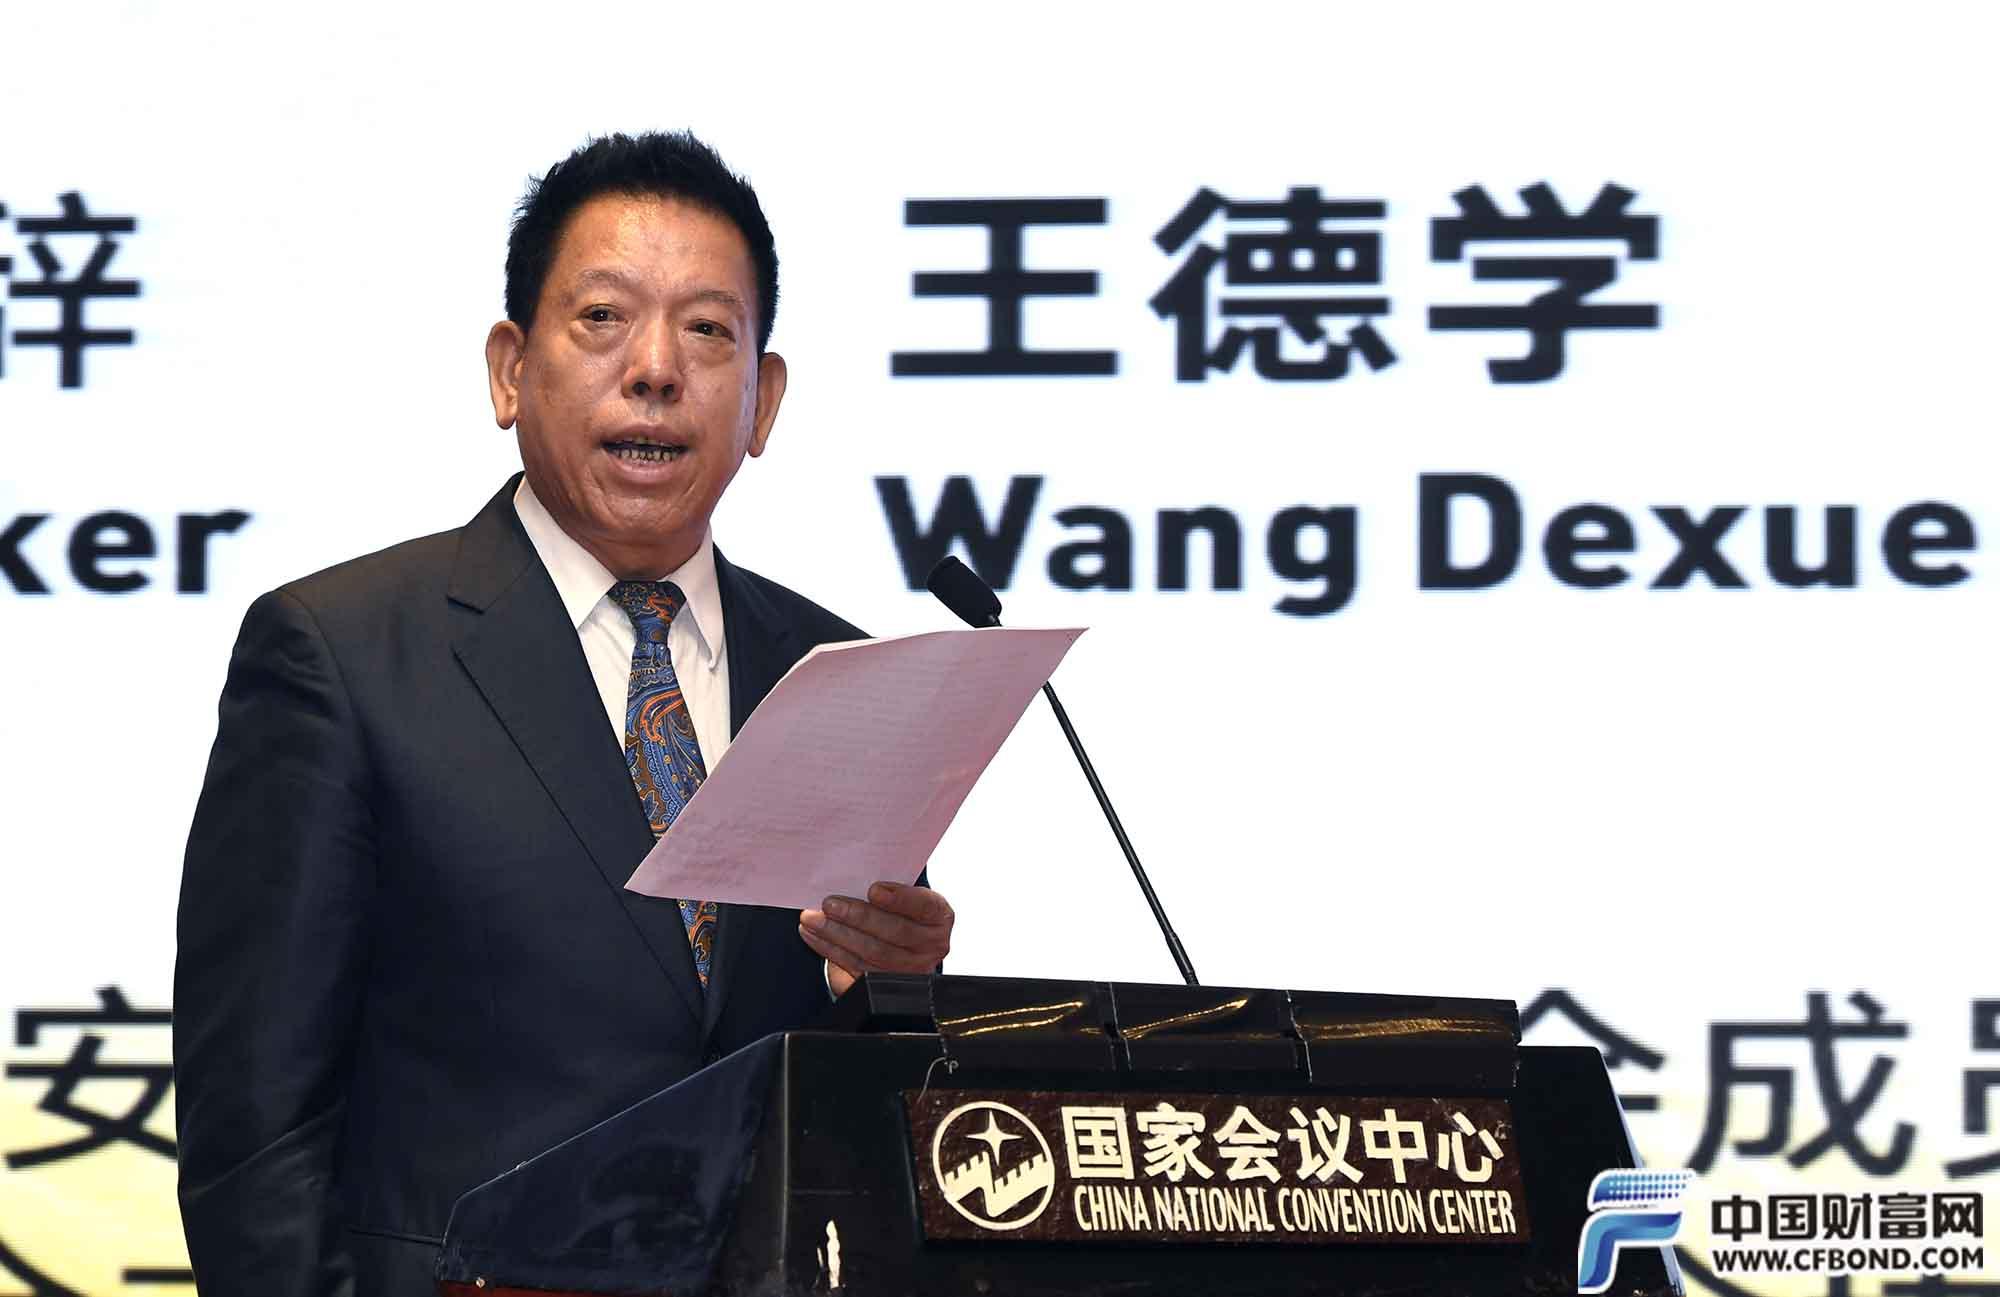 中国黄金协会名誉会长王德学致辞